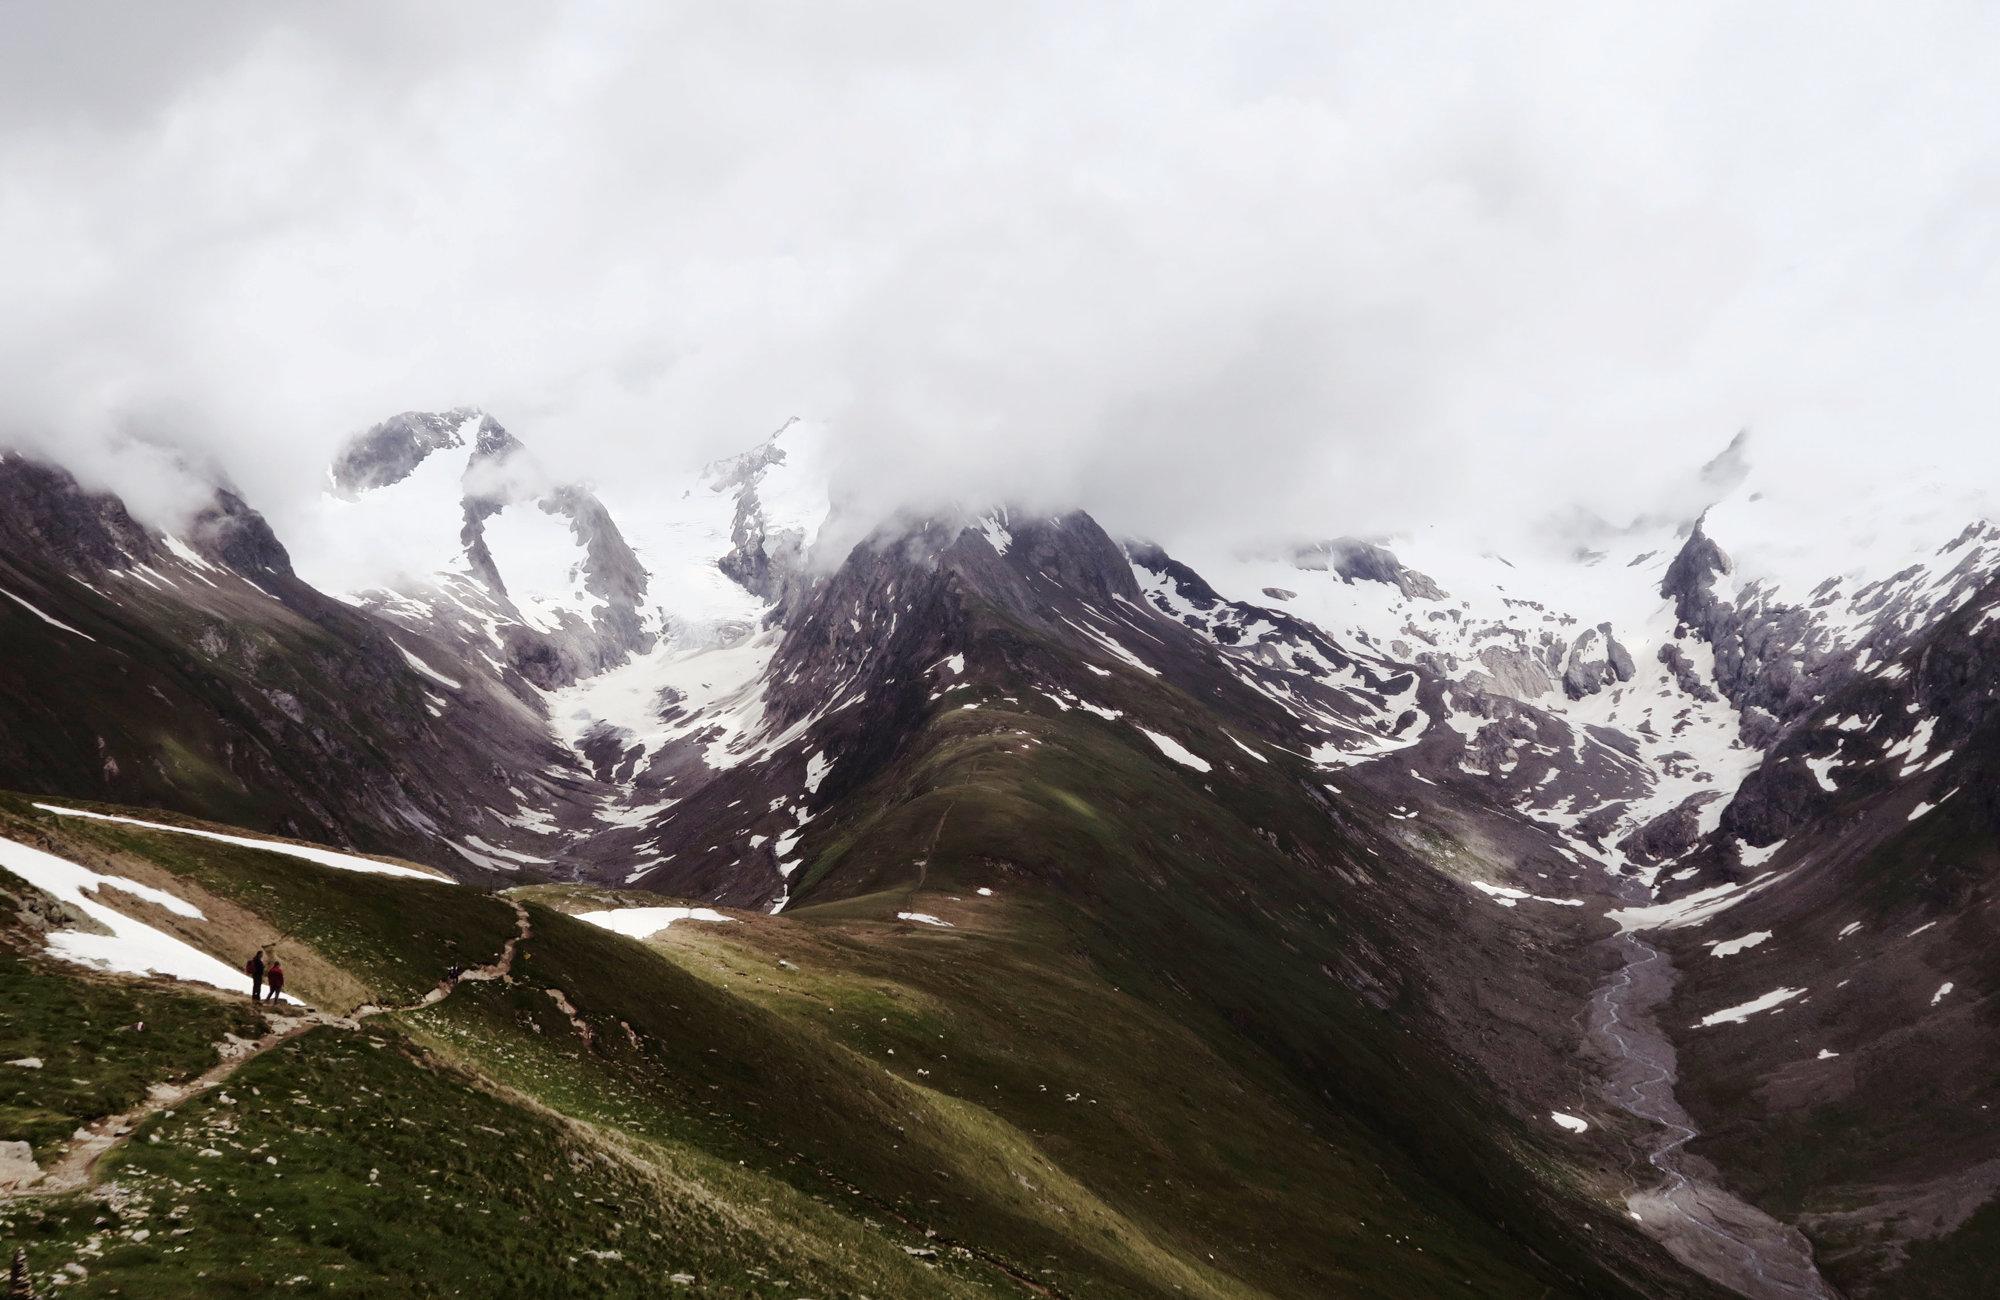 Wandertour Rotmoosferner und Gaisbergtal, Wandern im Ötztal, Wandertour Ötztal, Alpen, Tirol, Gletscher